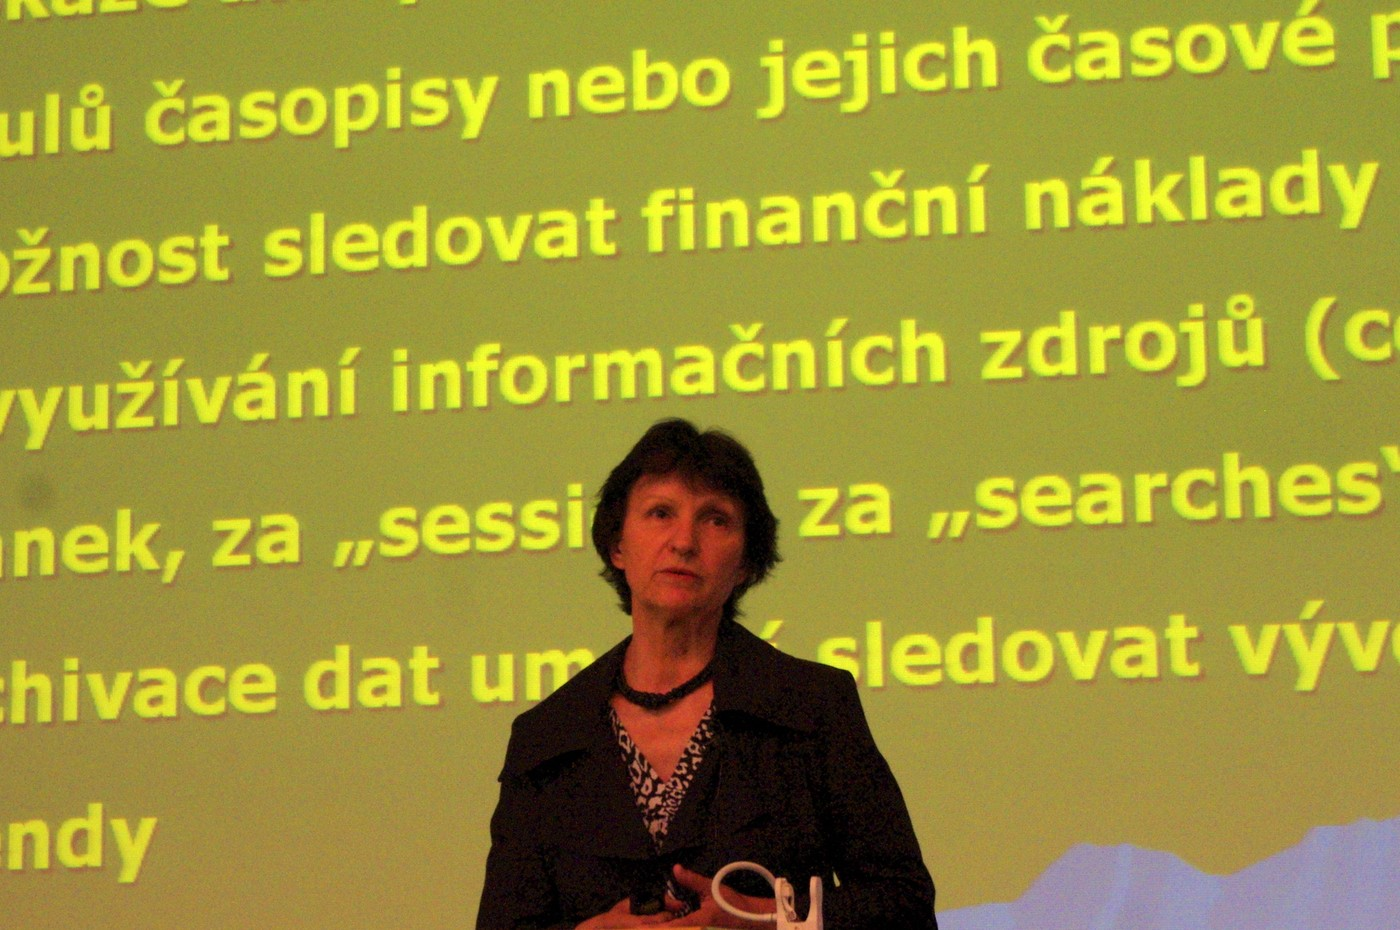 Ludmila Slezáková hovořila o praktických zkušenostech s nástrojem 360 Counter